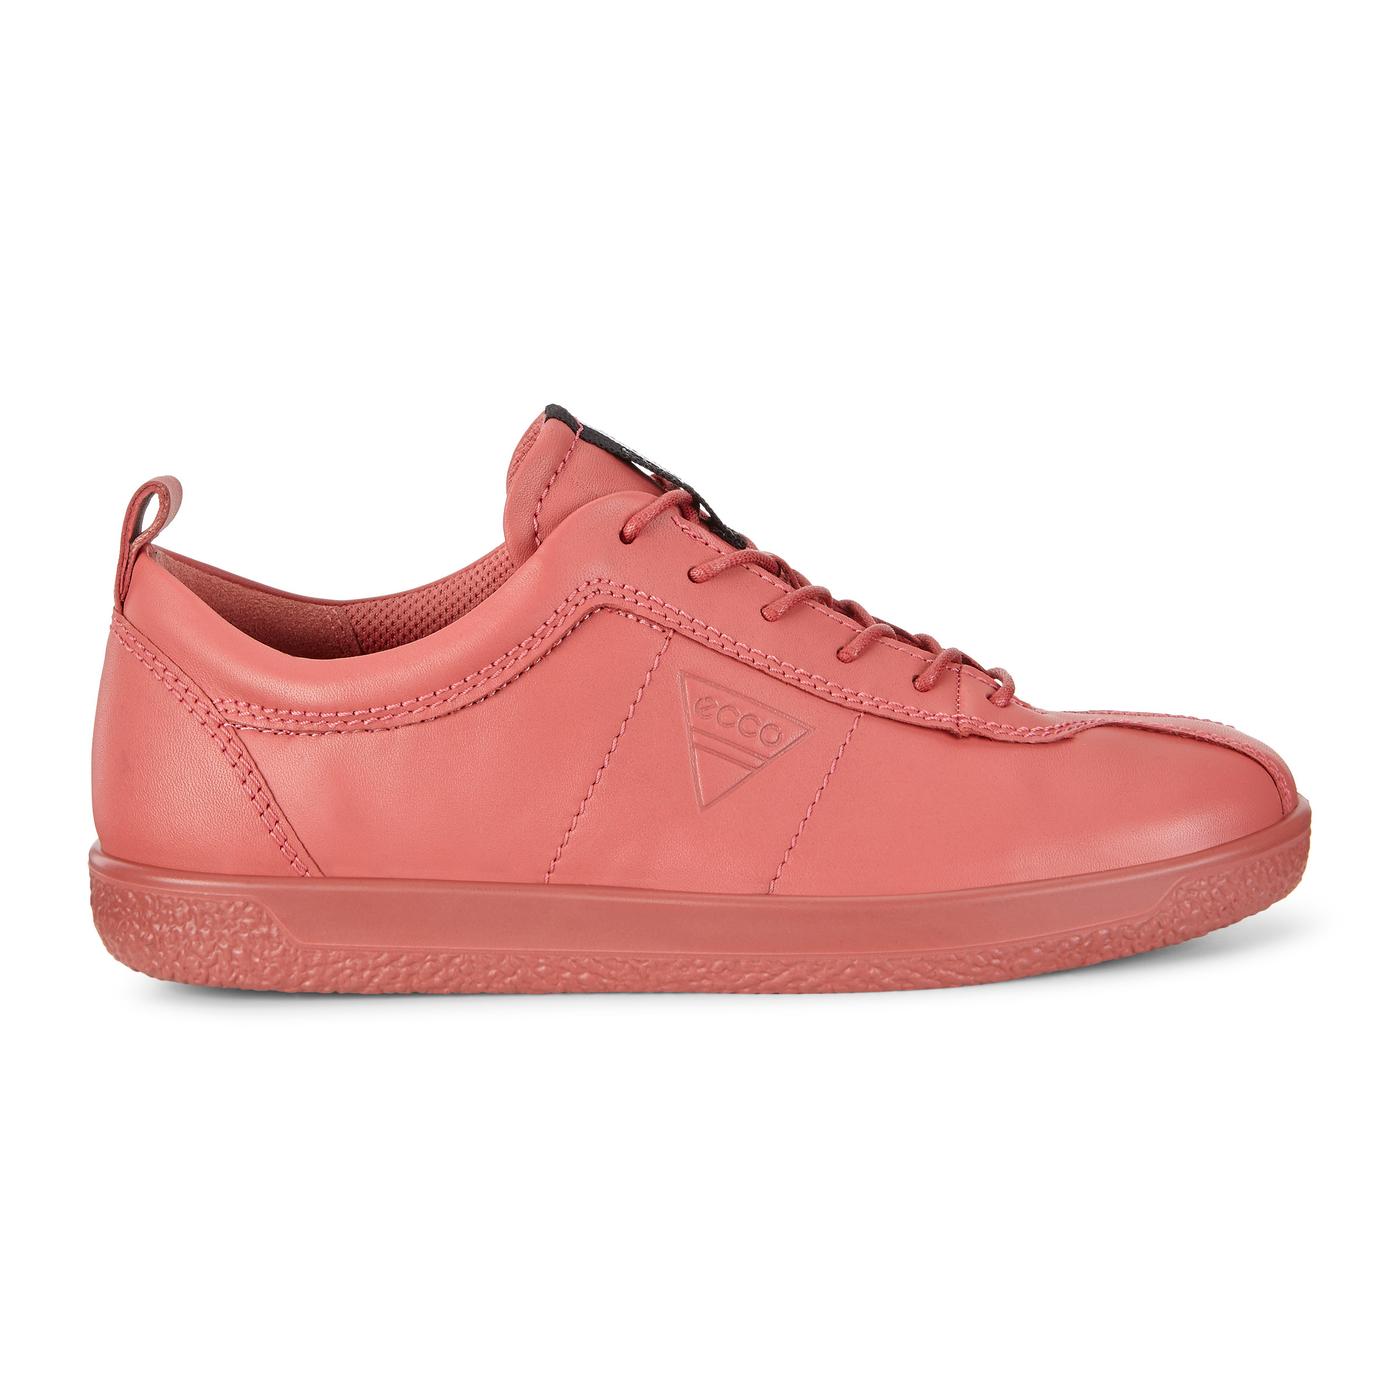 Chaussure de sport ECCO Soft 1 pour femmes